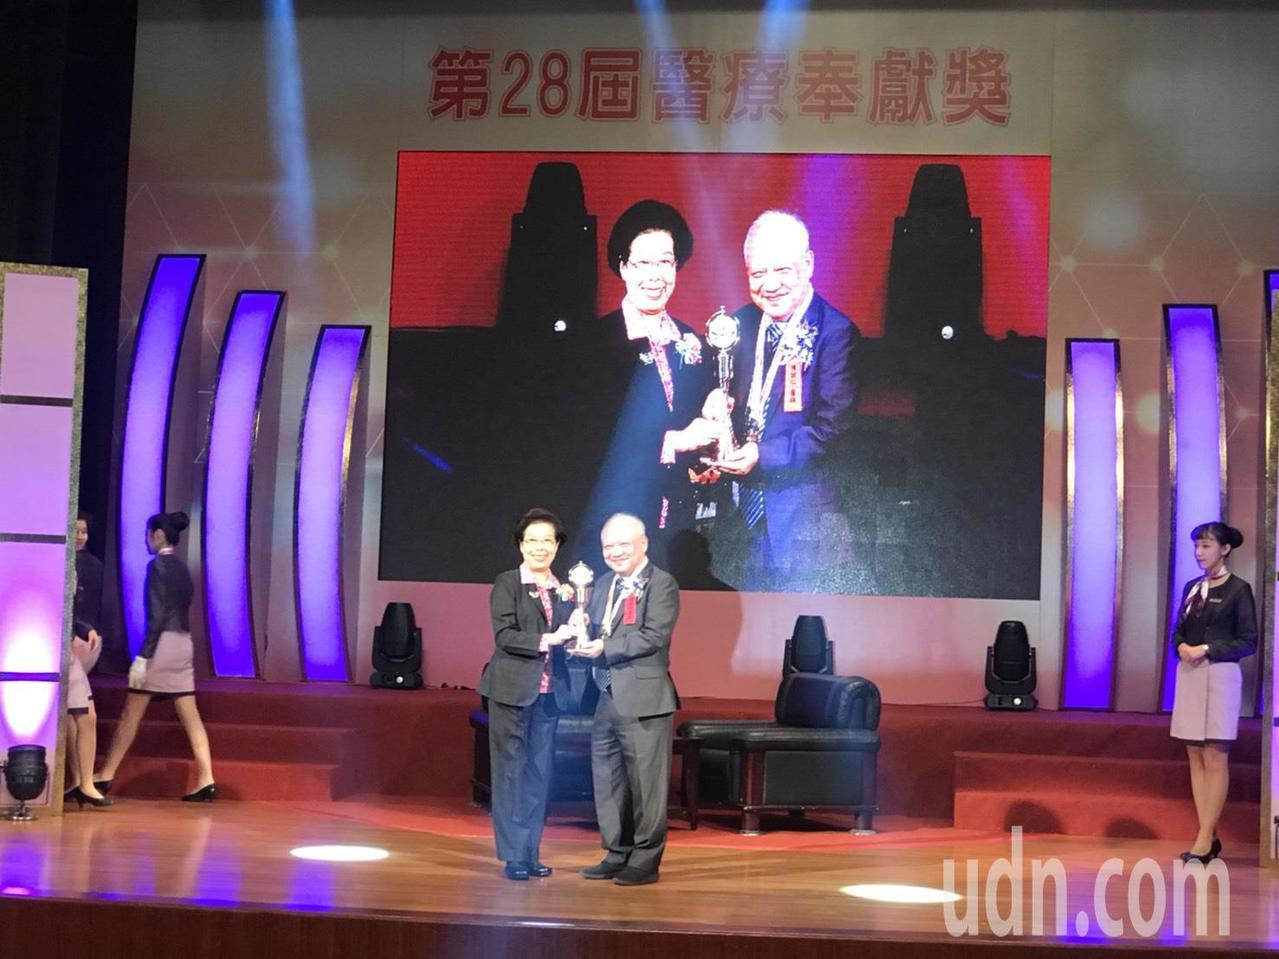 嘉基胸腔內科主治醫師陳誠仁(右)獲得第28屆醫療奉獻獎。記者簡浩正/攝影